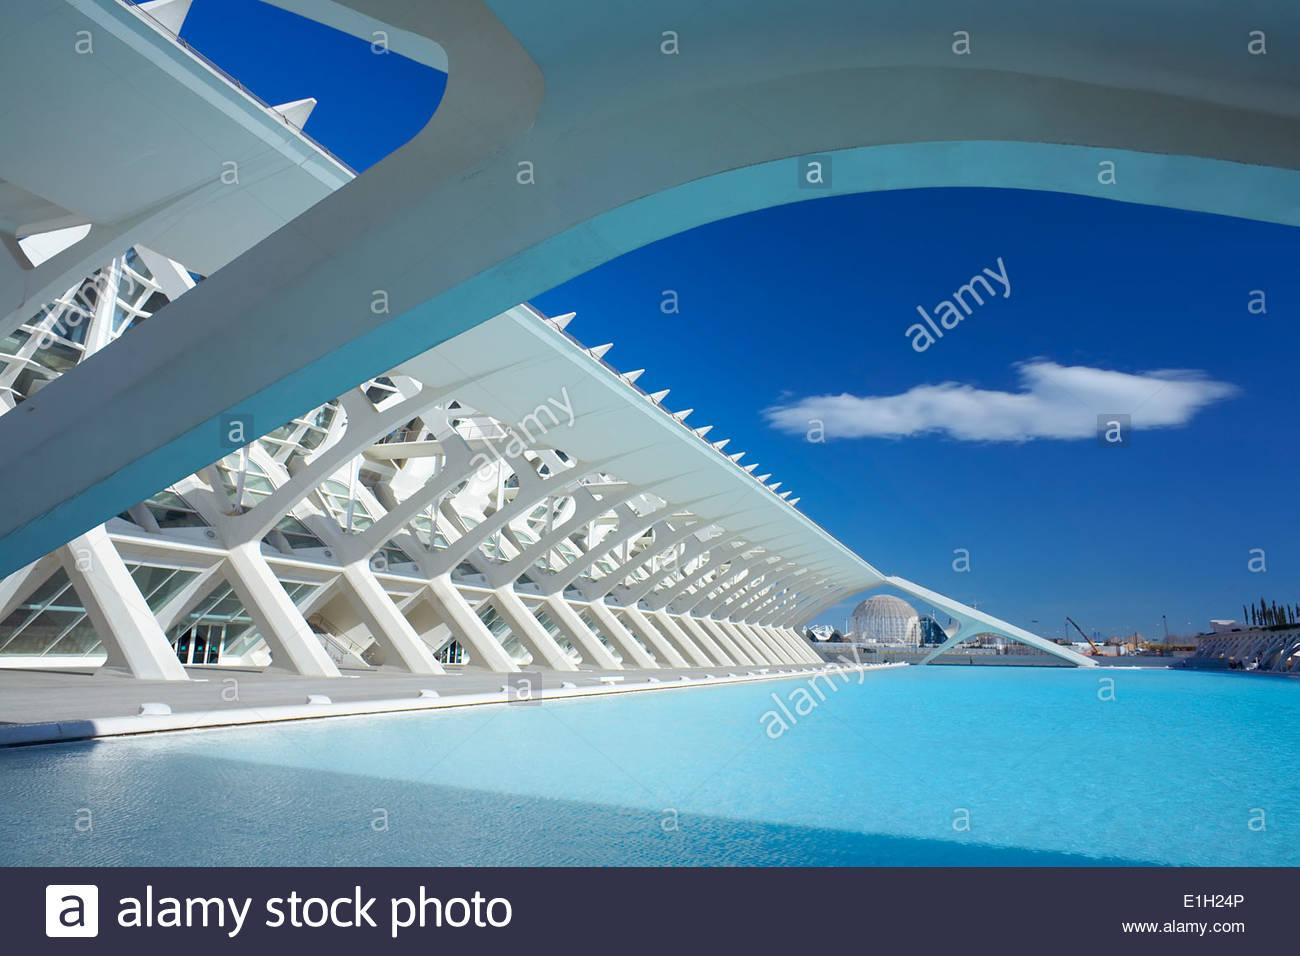 Détail architectural de la Cité des Arts et des Sciences, Valence, Espagne Photo Stock